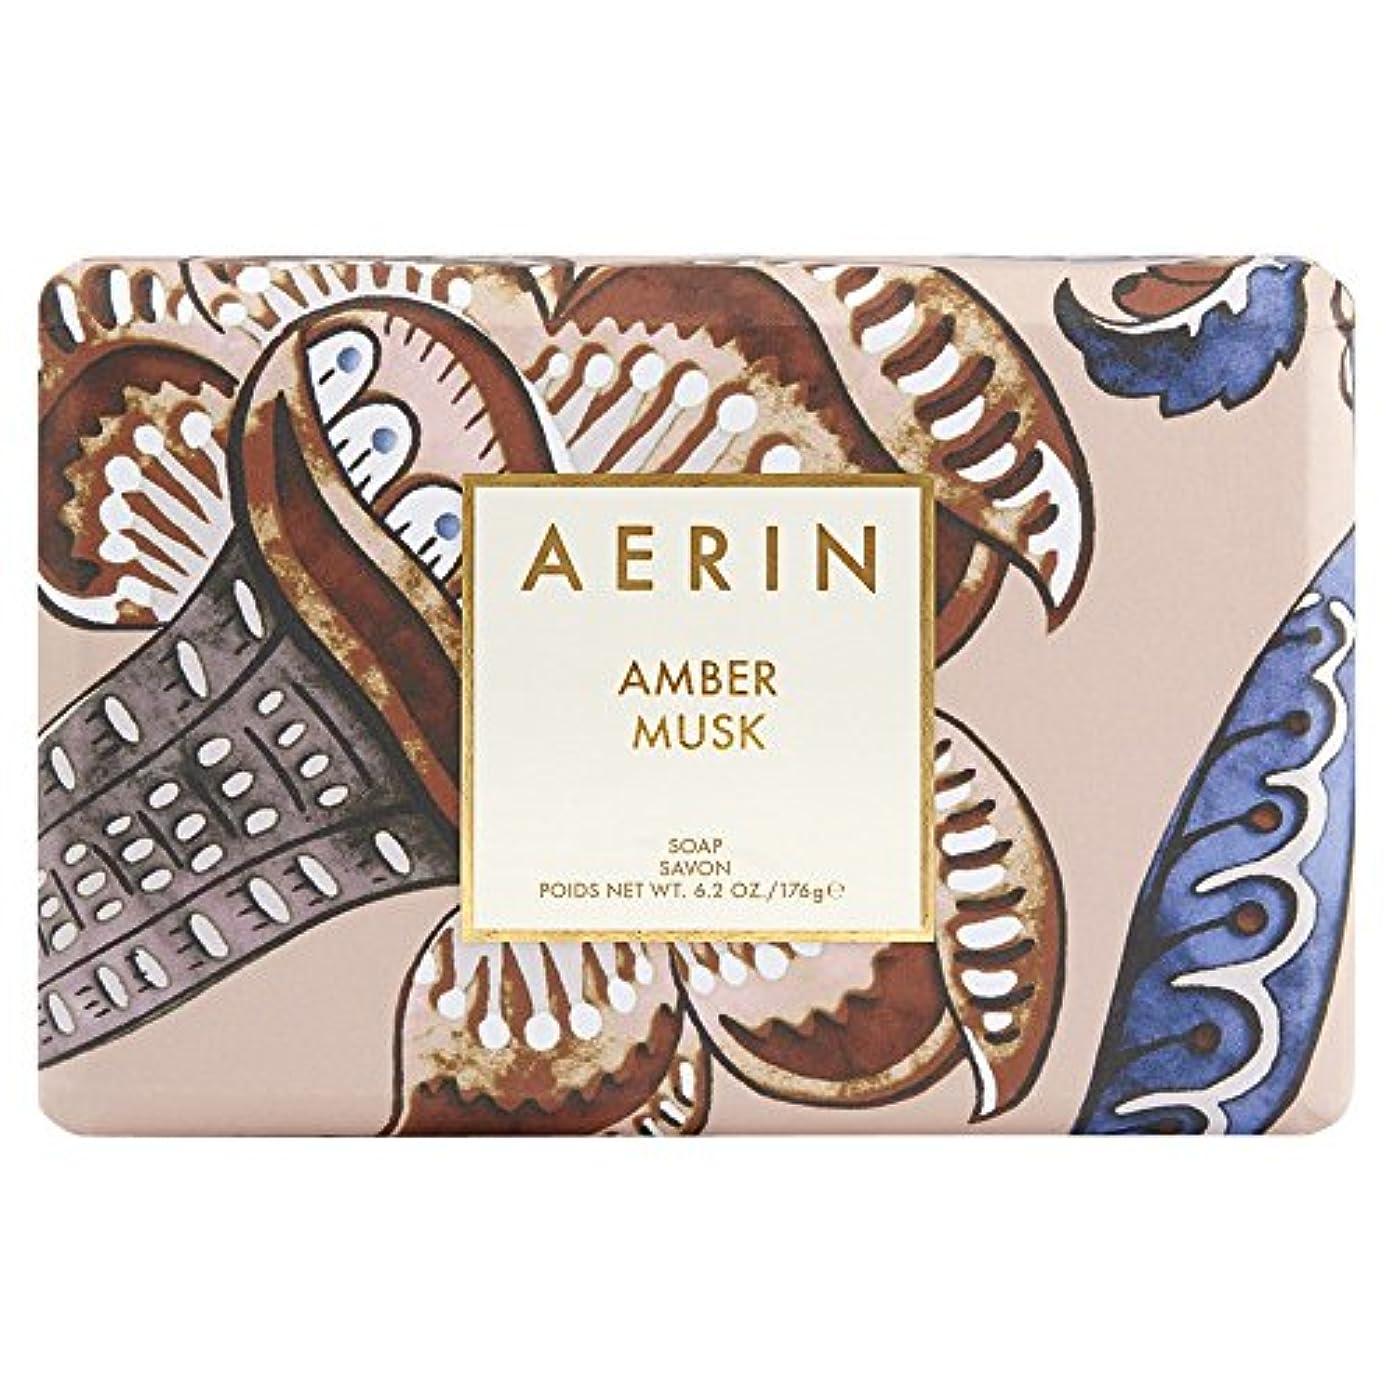 彼女のスキップボートAerinアンバームスクソープ176グラム (AERIN) (x2) - AERIN Amber Musk Soap 176g (Pack of 2) [並行輸入品]